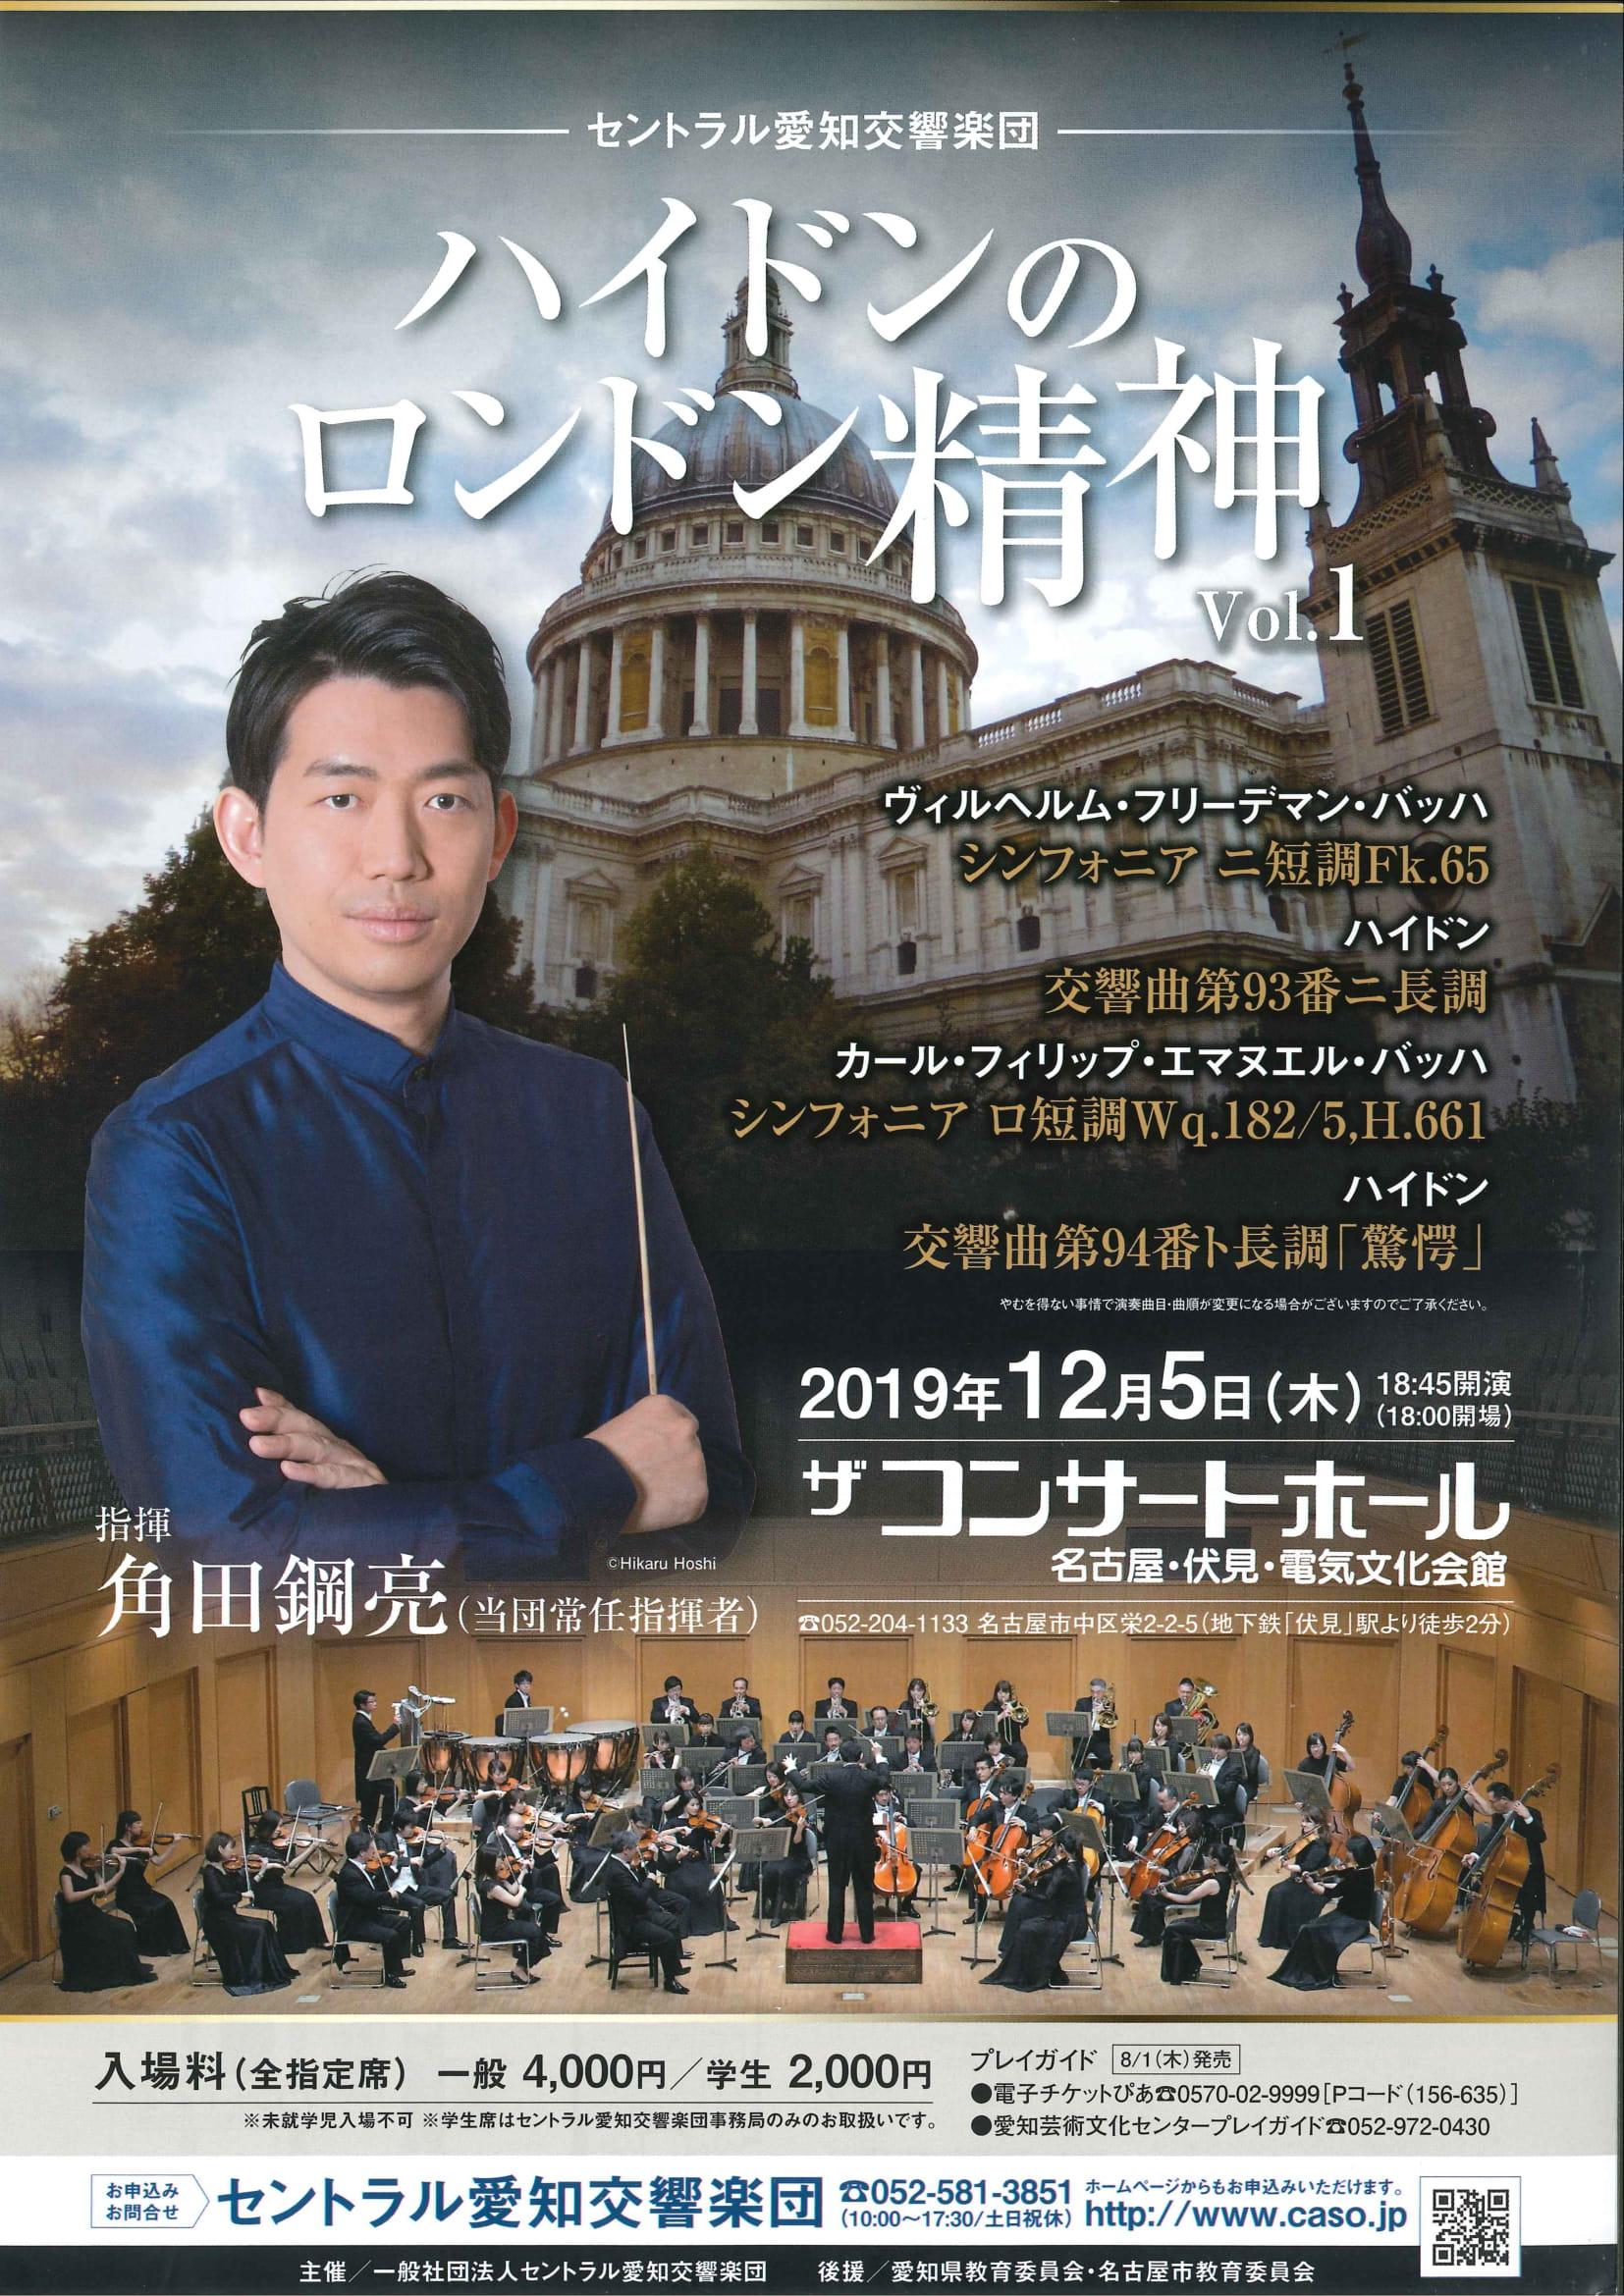 セントラル愛知交響楽団「ハイドンのロンドン精神」Vol.1